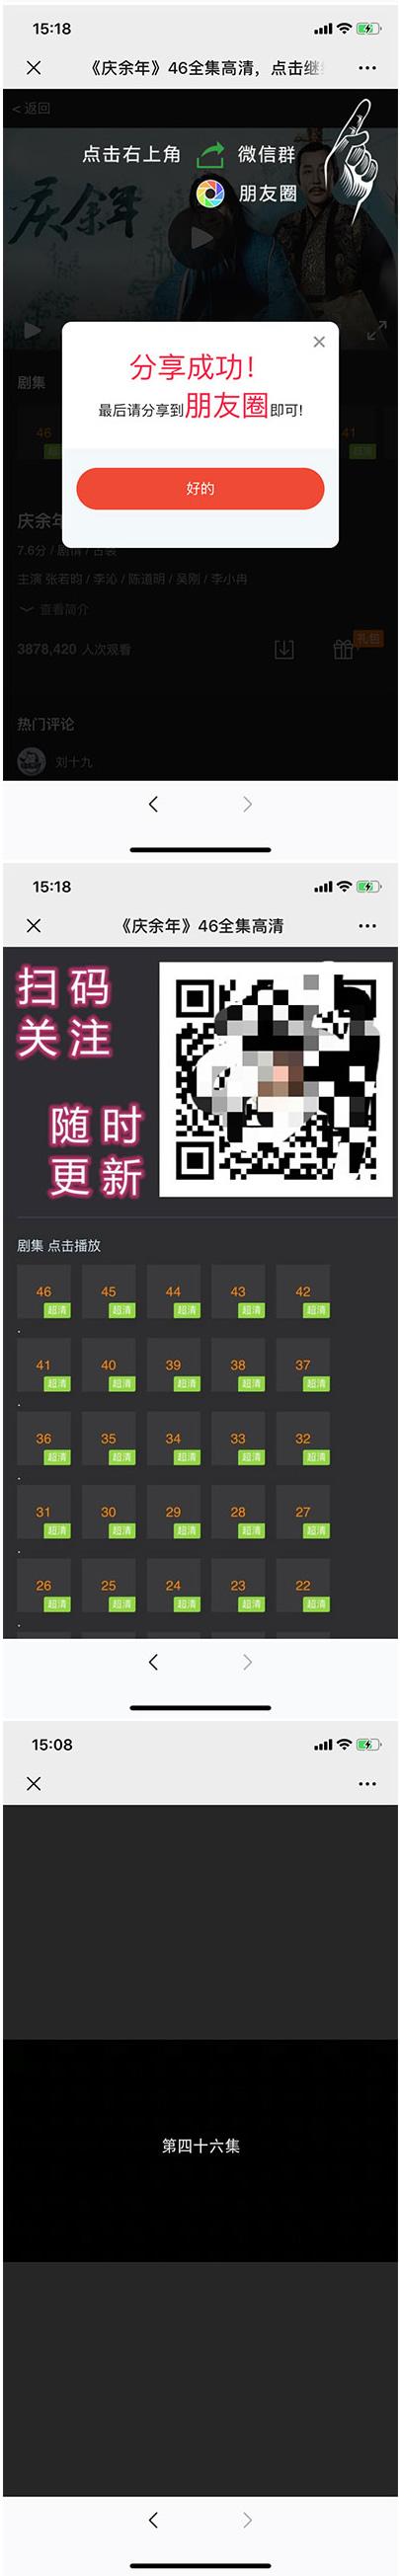 电视剧庆余年全集微信分享邀请引流源码